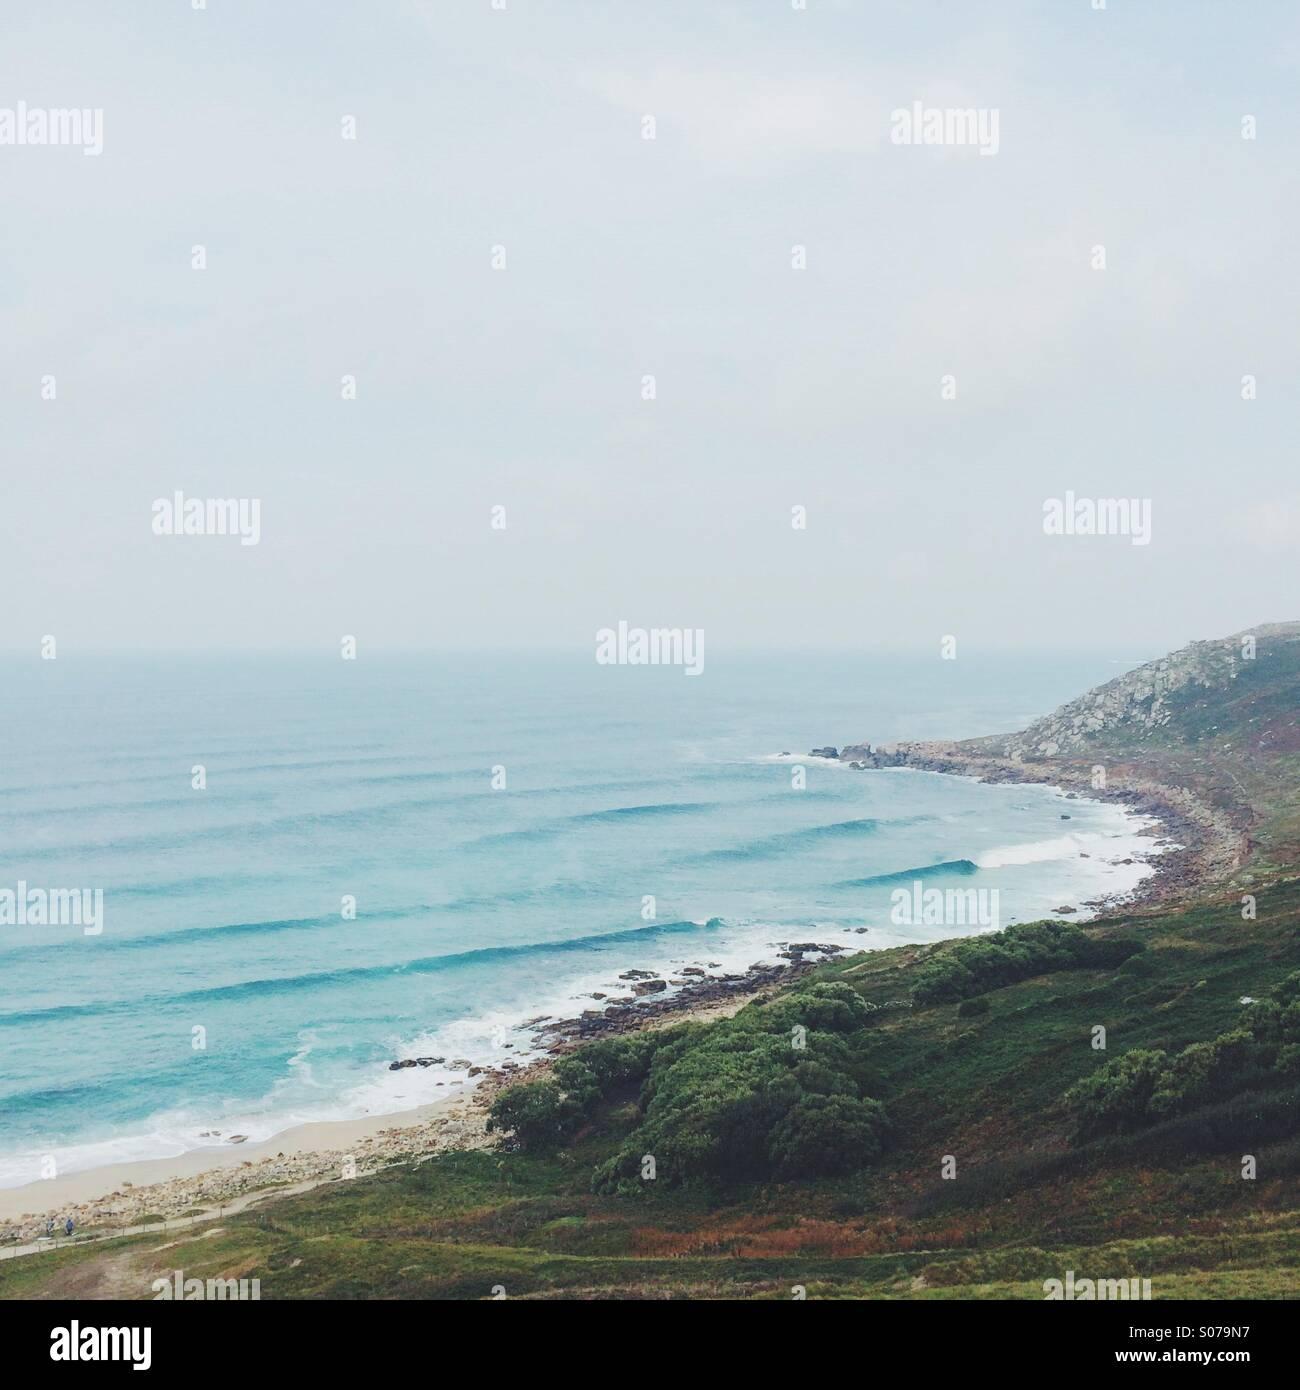 Rouler dans les vagues d'un rivage rocailleux et de pointe. Photo Stock